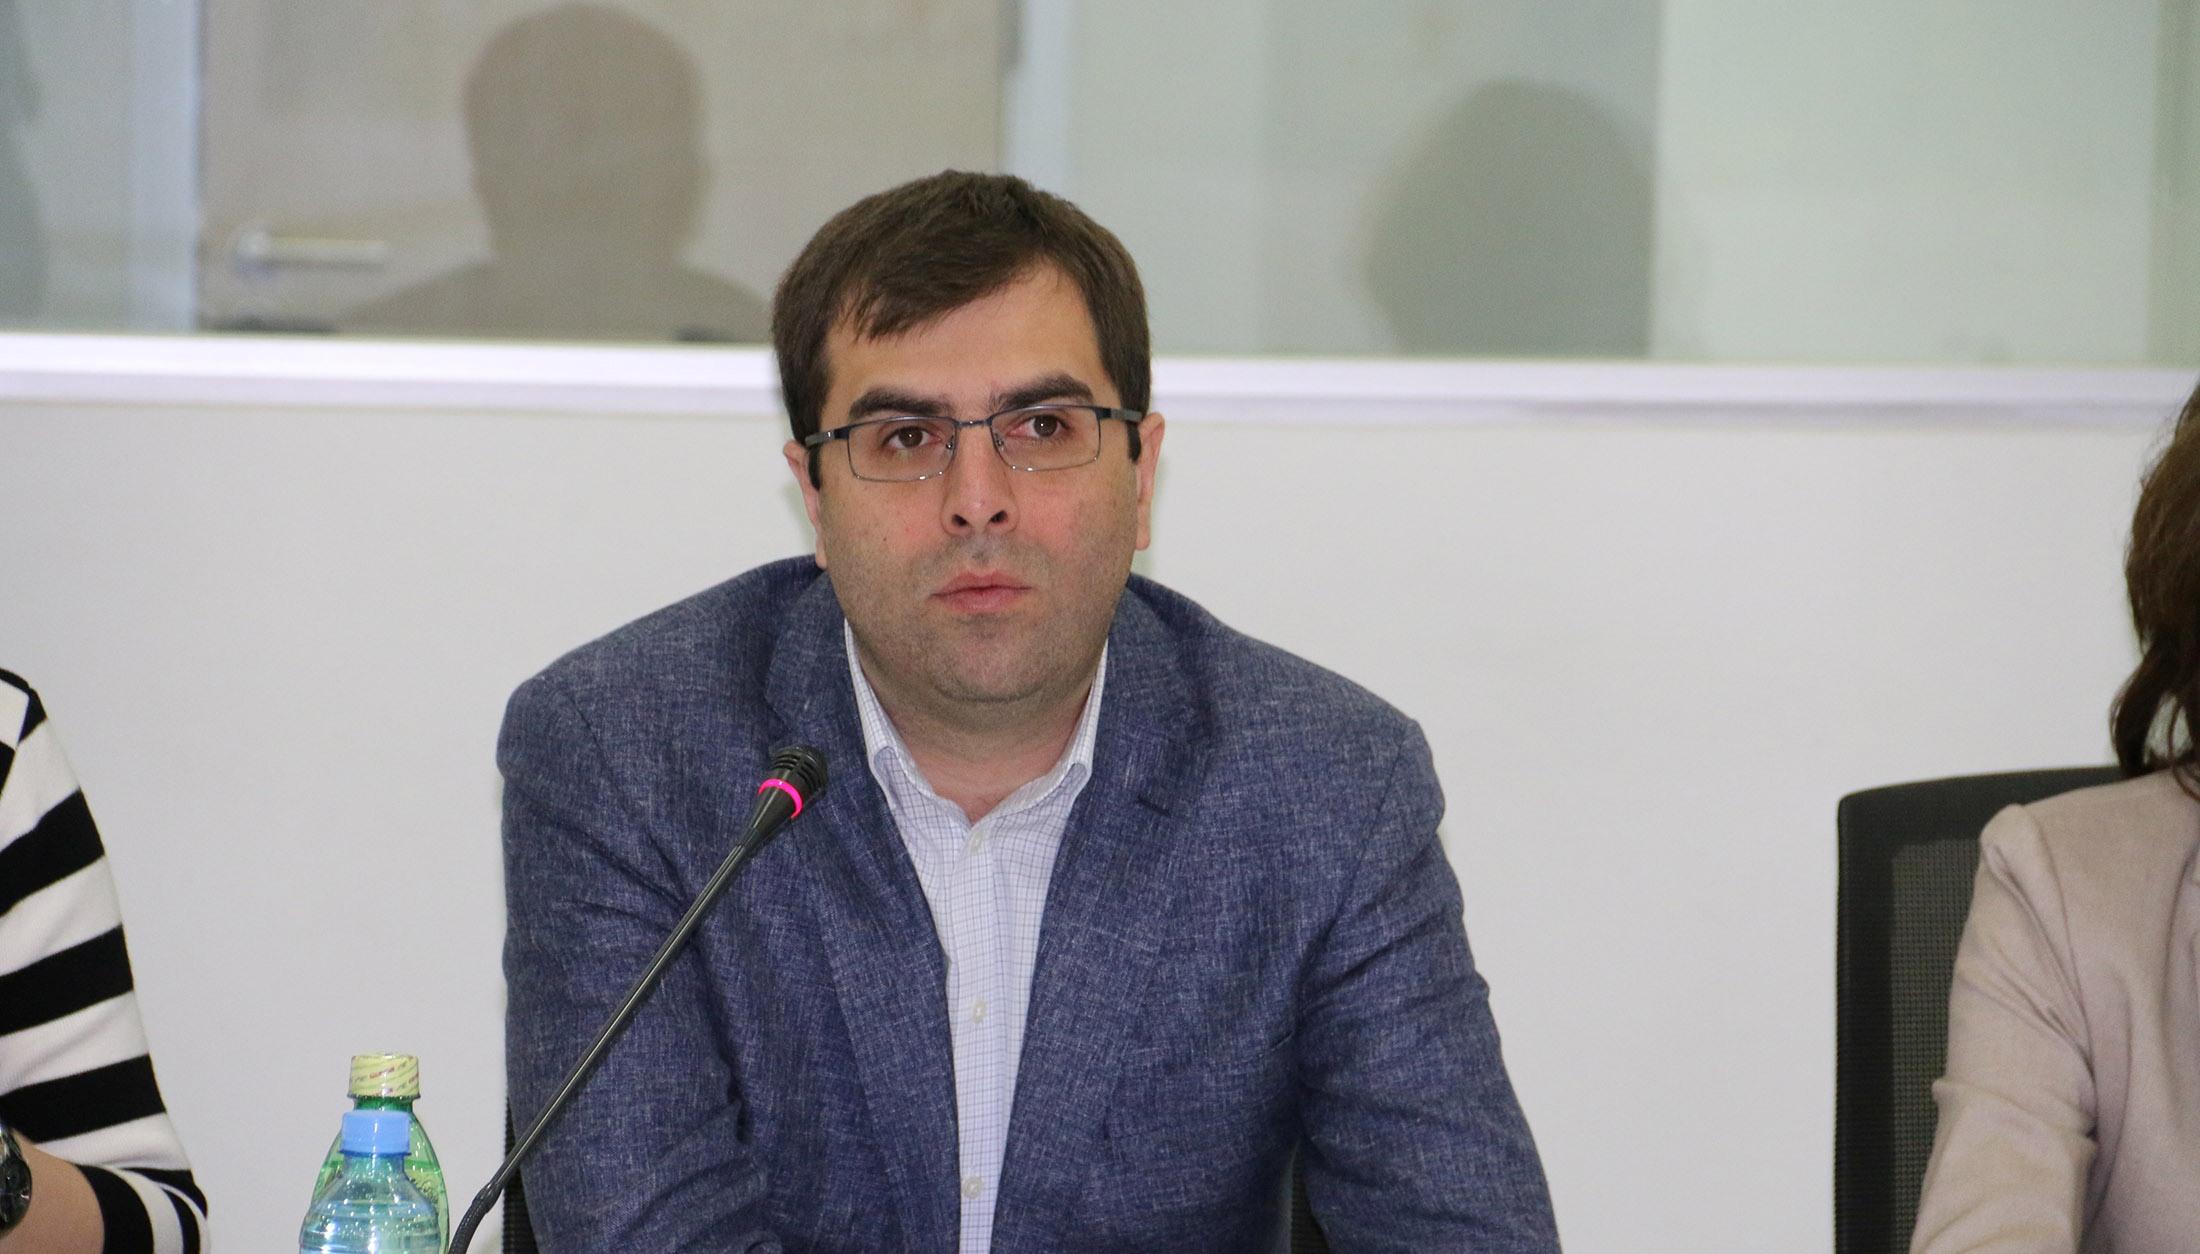 МВД Грузии: пограничники не имели оснований для задержания Лужкова